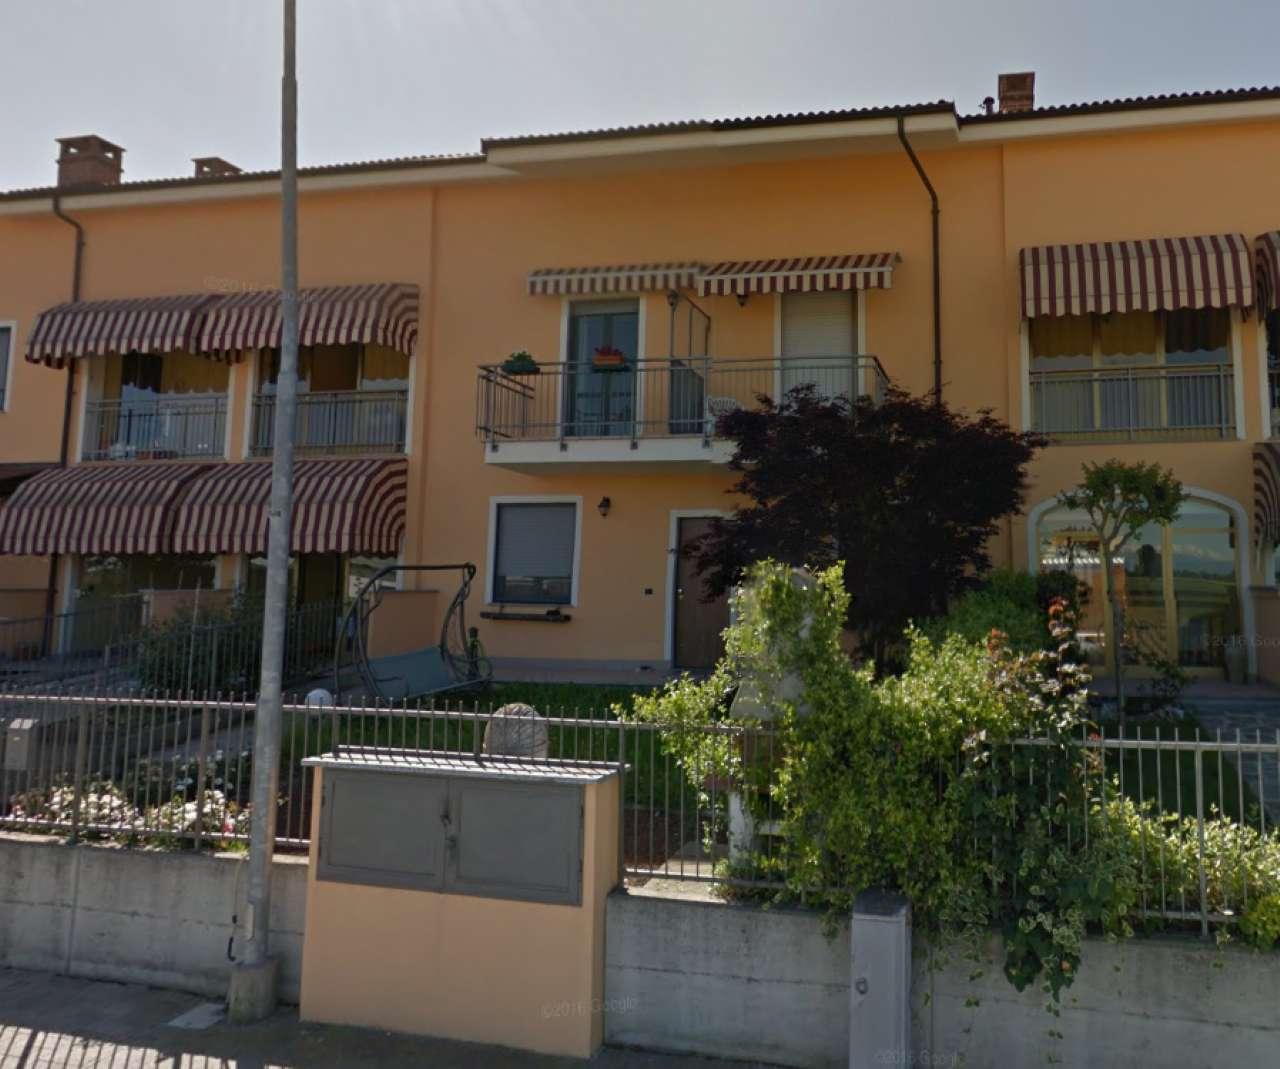 Appartamento in vendita a Cherasco, 5 locali, prezzo € 195.000 | CambioCasa.it